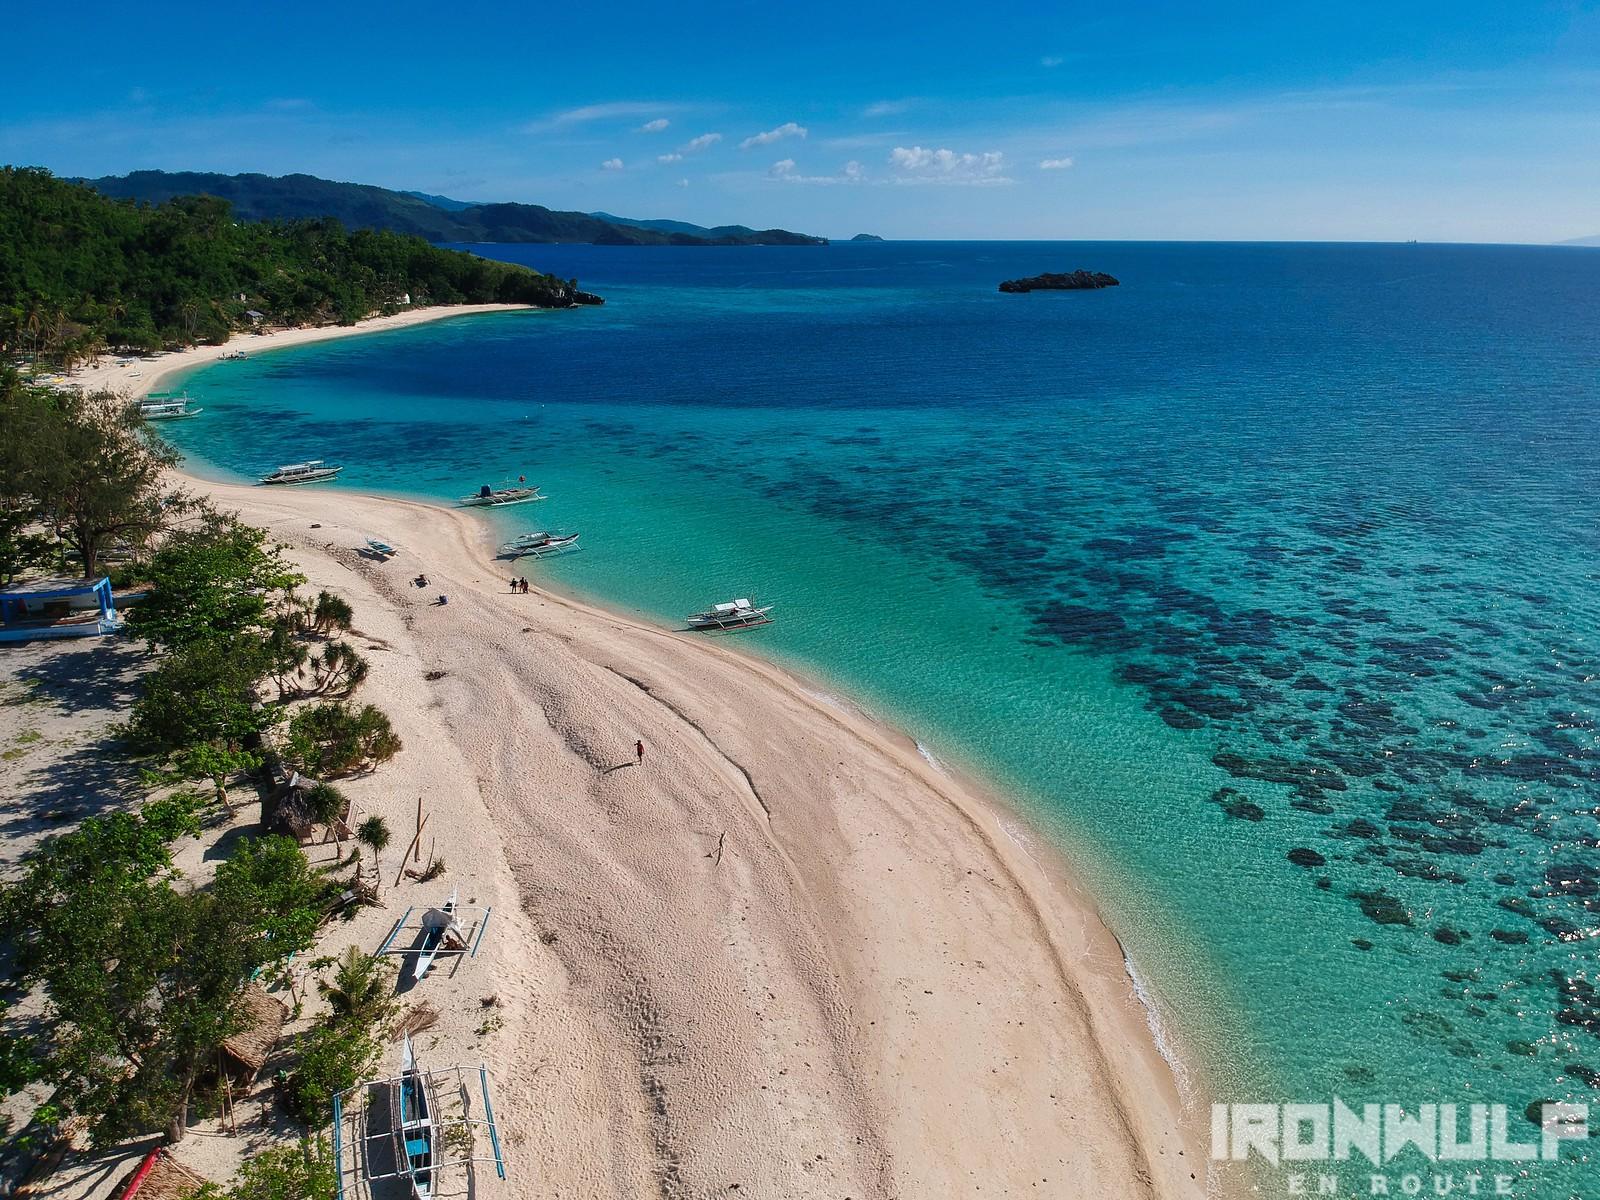 Stretch of beach at Cobrador Island